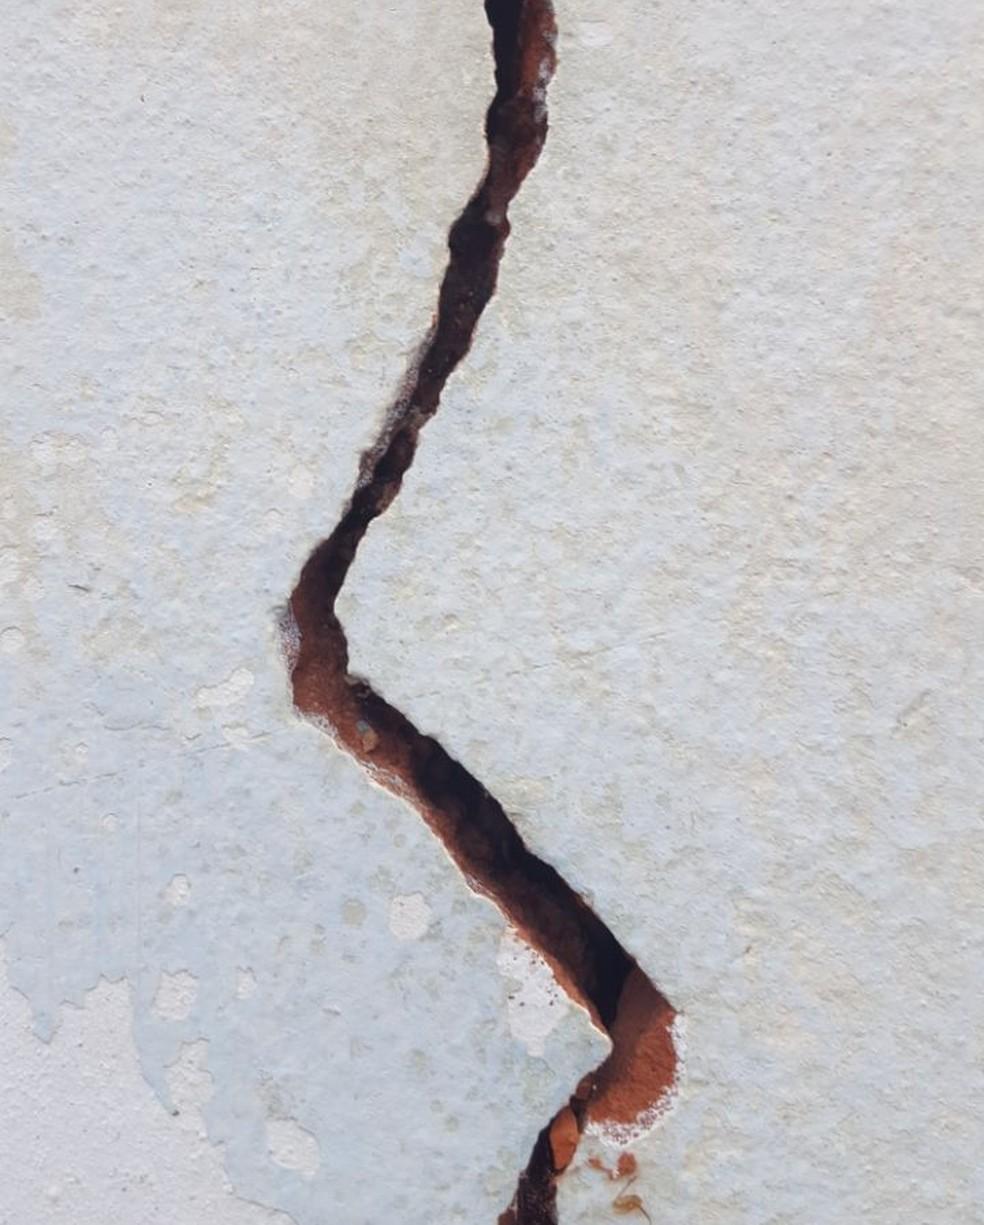 Moradores afirmam que a rachadura na parede aumentou depois do tremor (Foto: Raquel de Oliveira Souza)